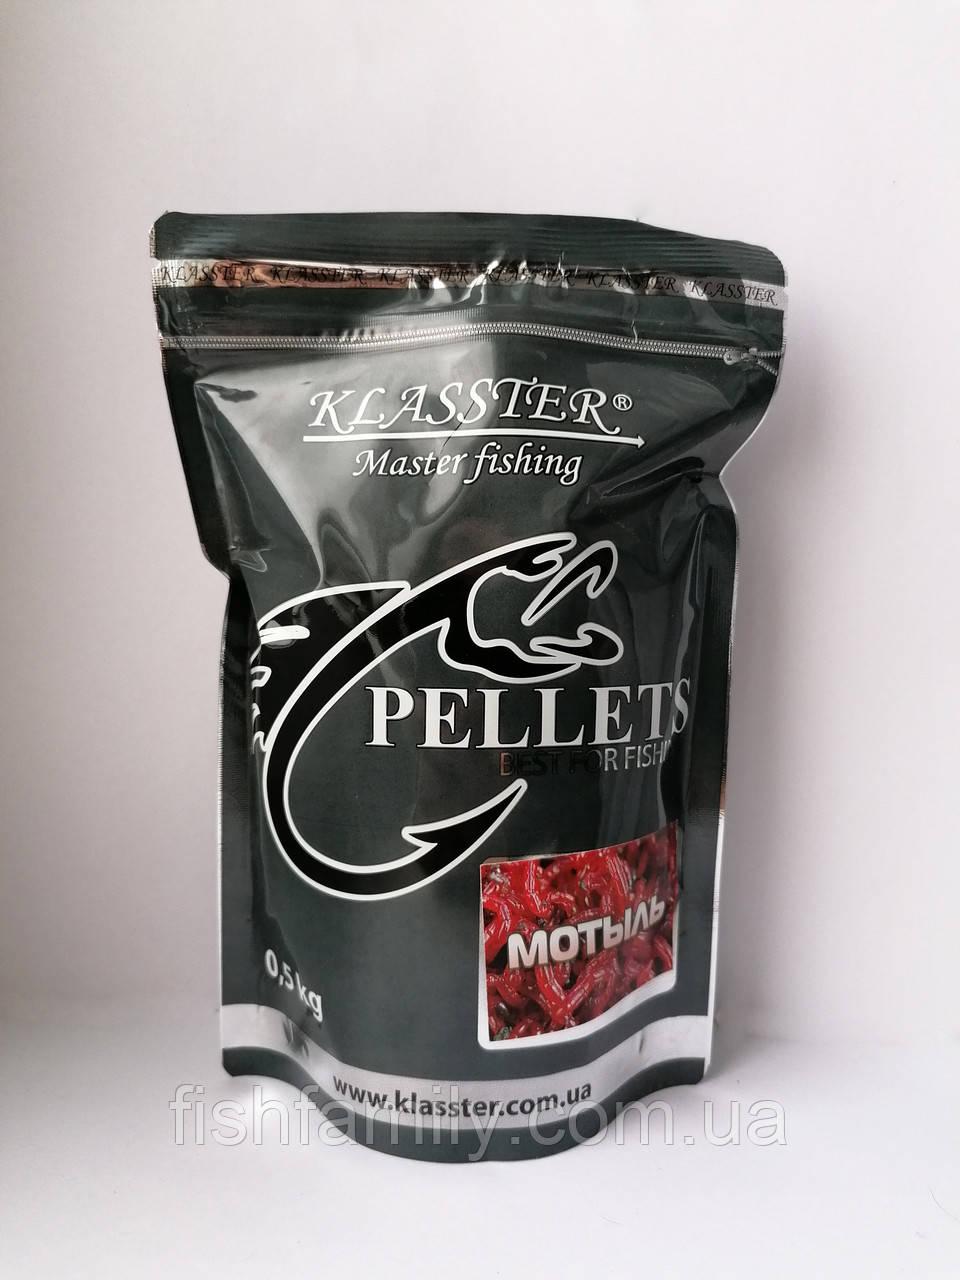 Пеллетс прикормочный Klasster Мотыль (гранула 4мм)  500г